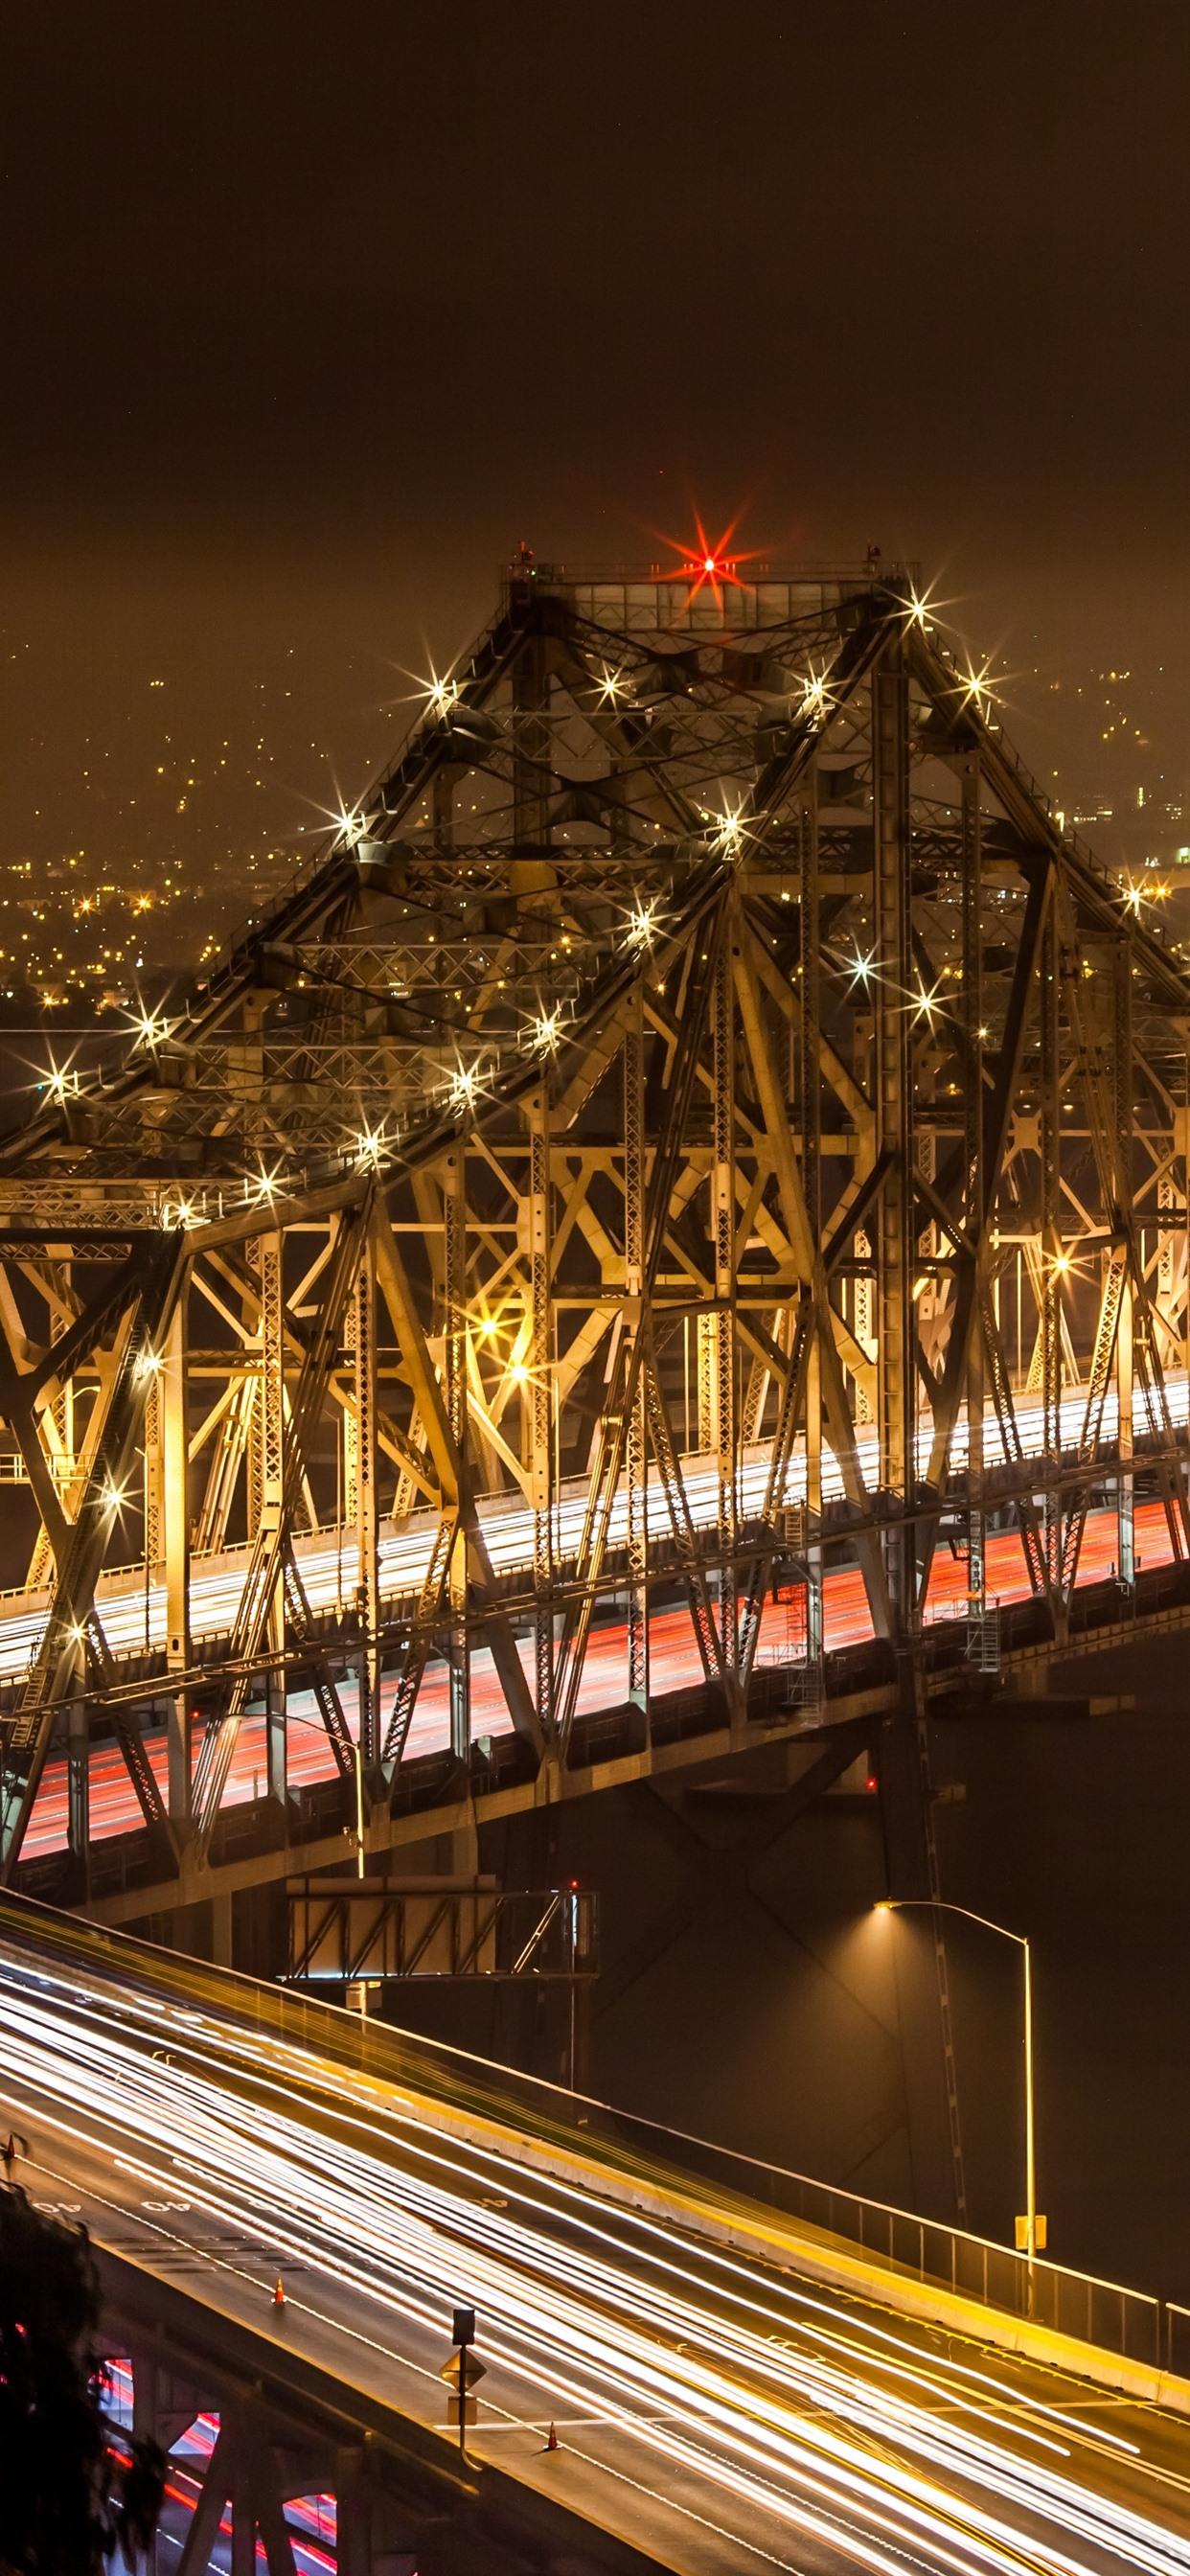 都市 橋 イルミネーション 夜 1242x2688 Iphone 11 Pro Xs Max 壁紙